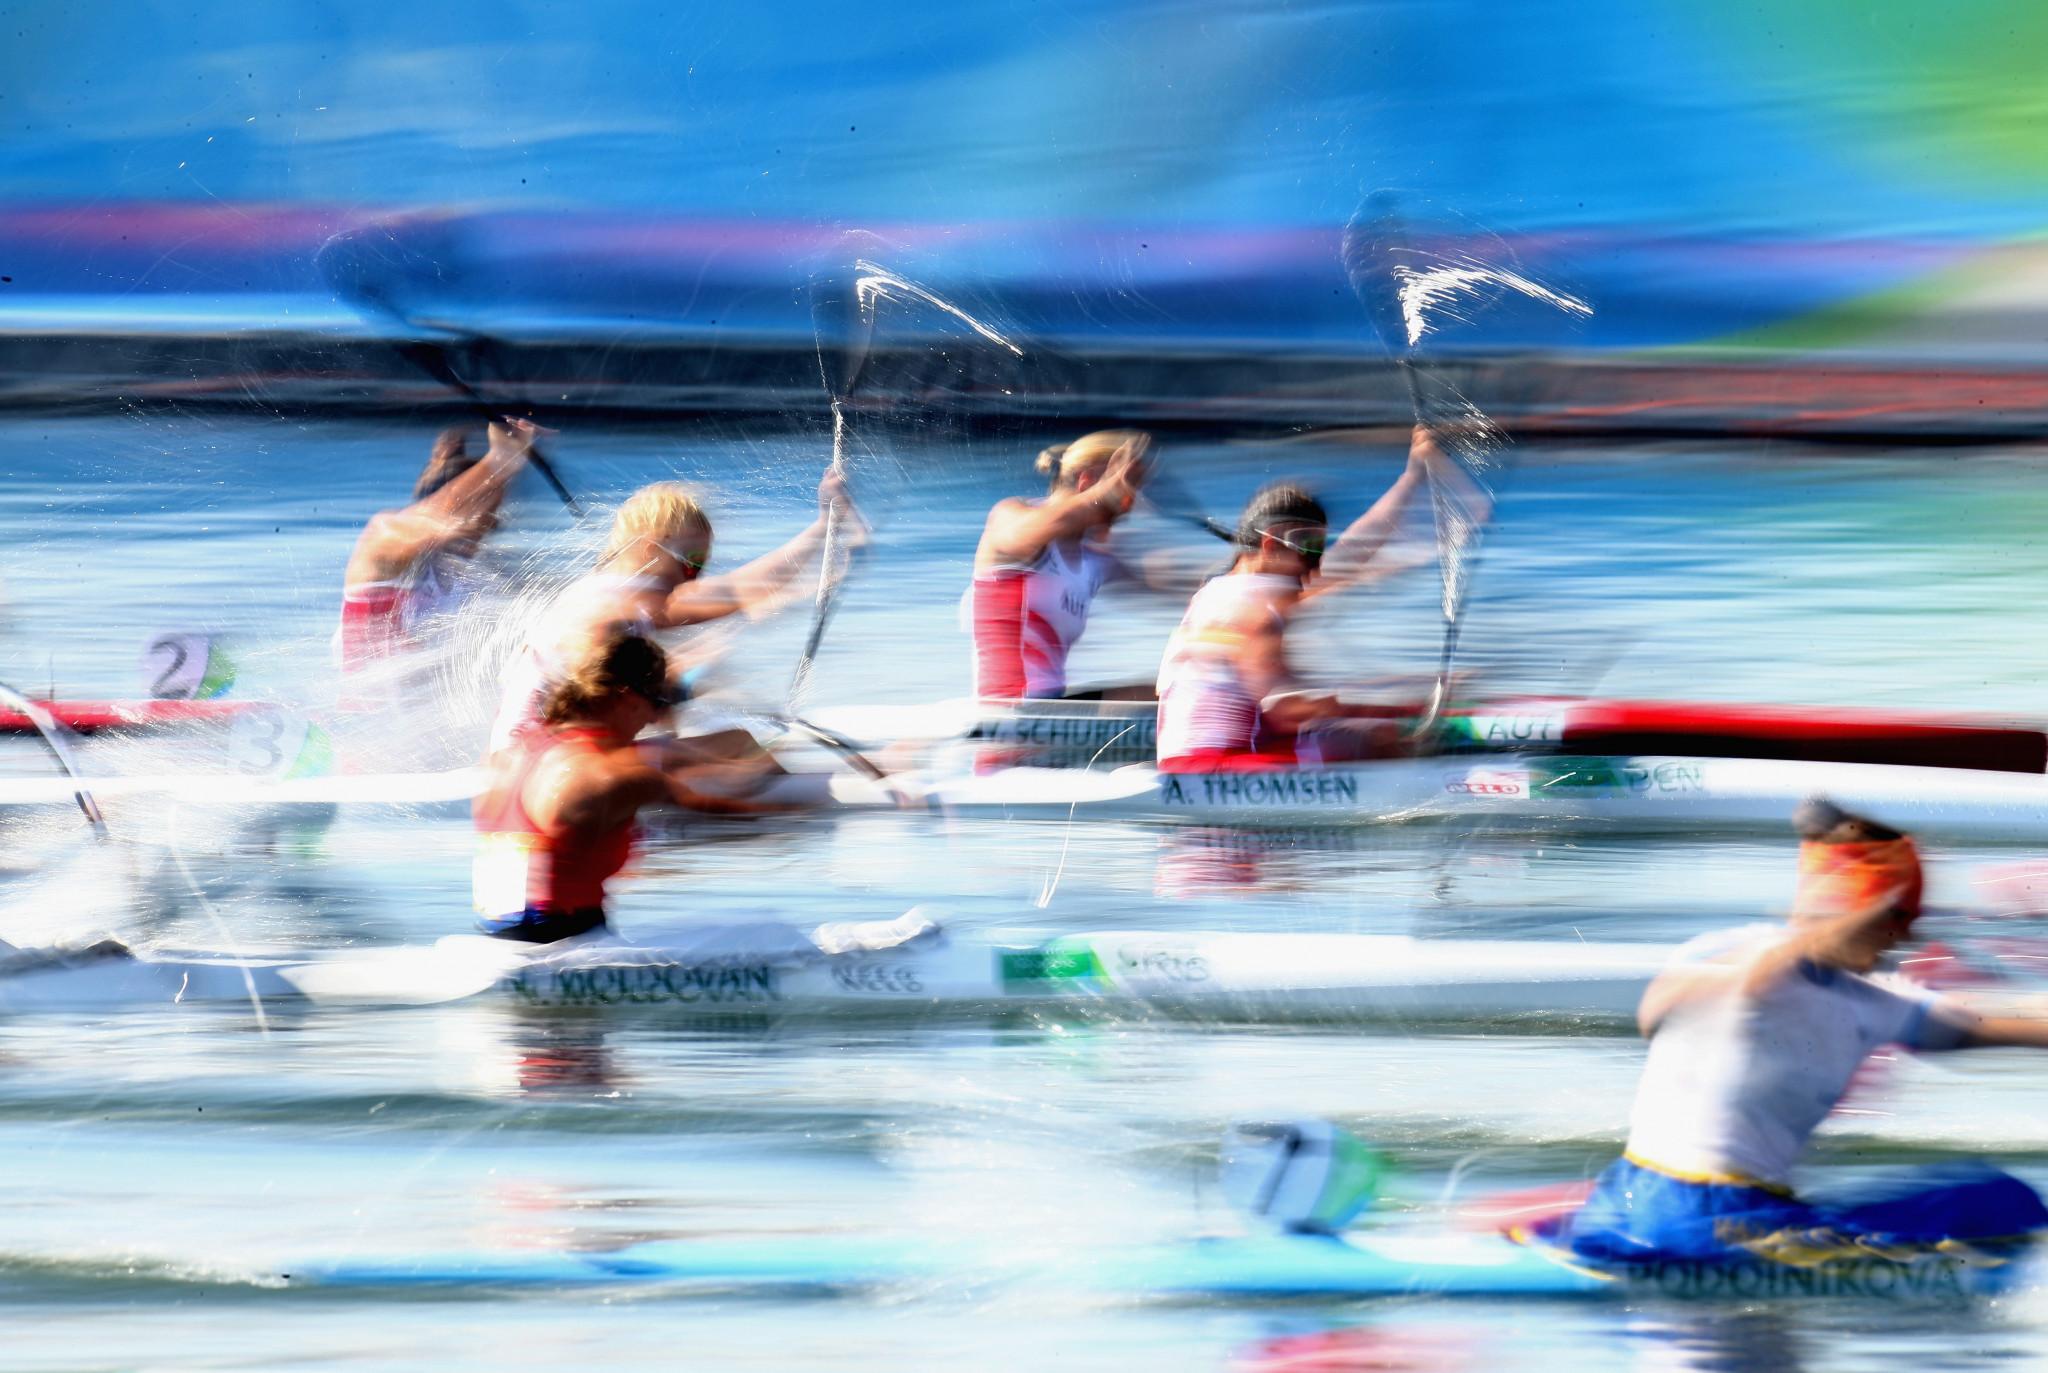 The International Canoe Federation has surveyed its athletes ©Getty Images